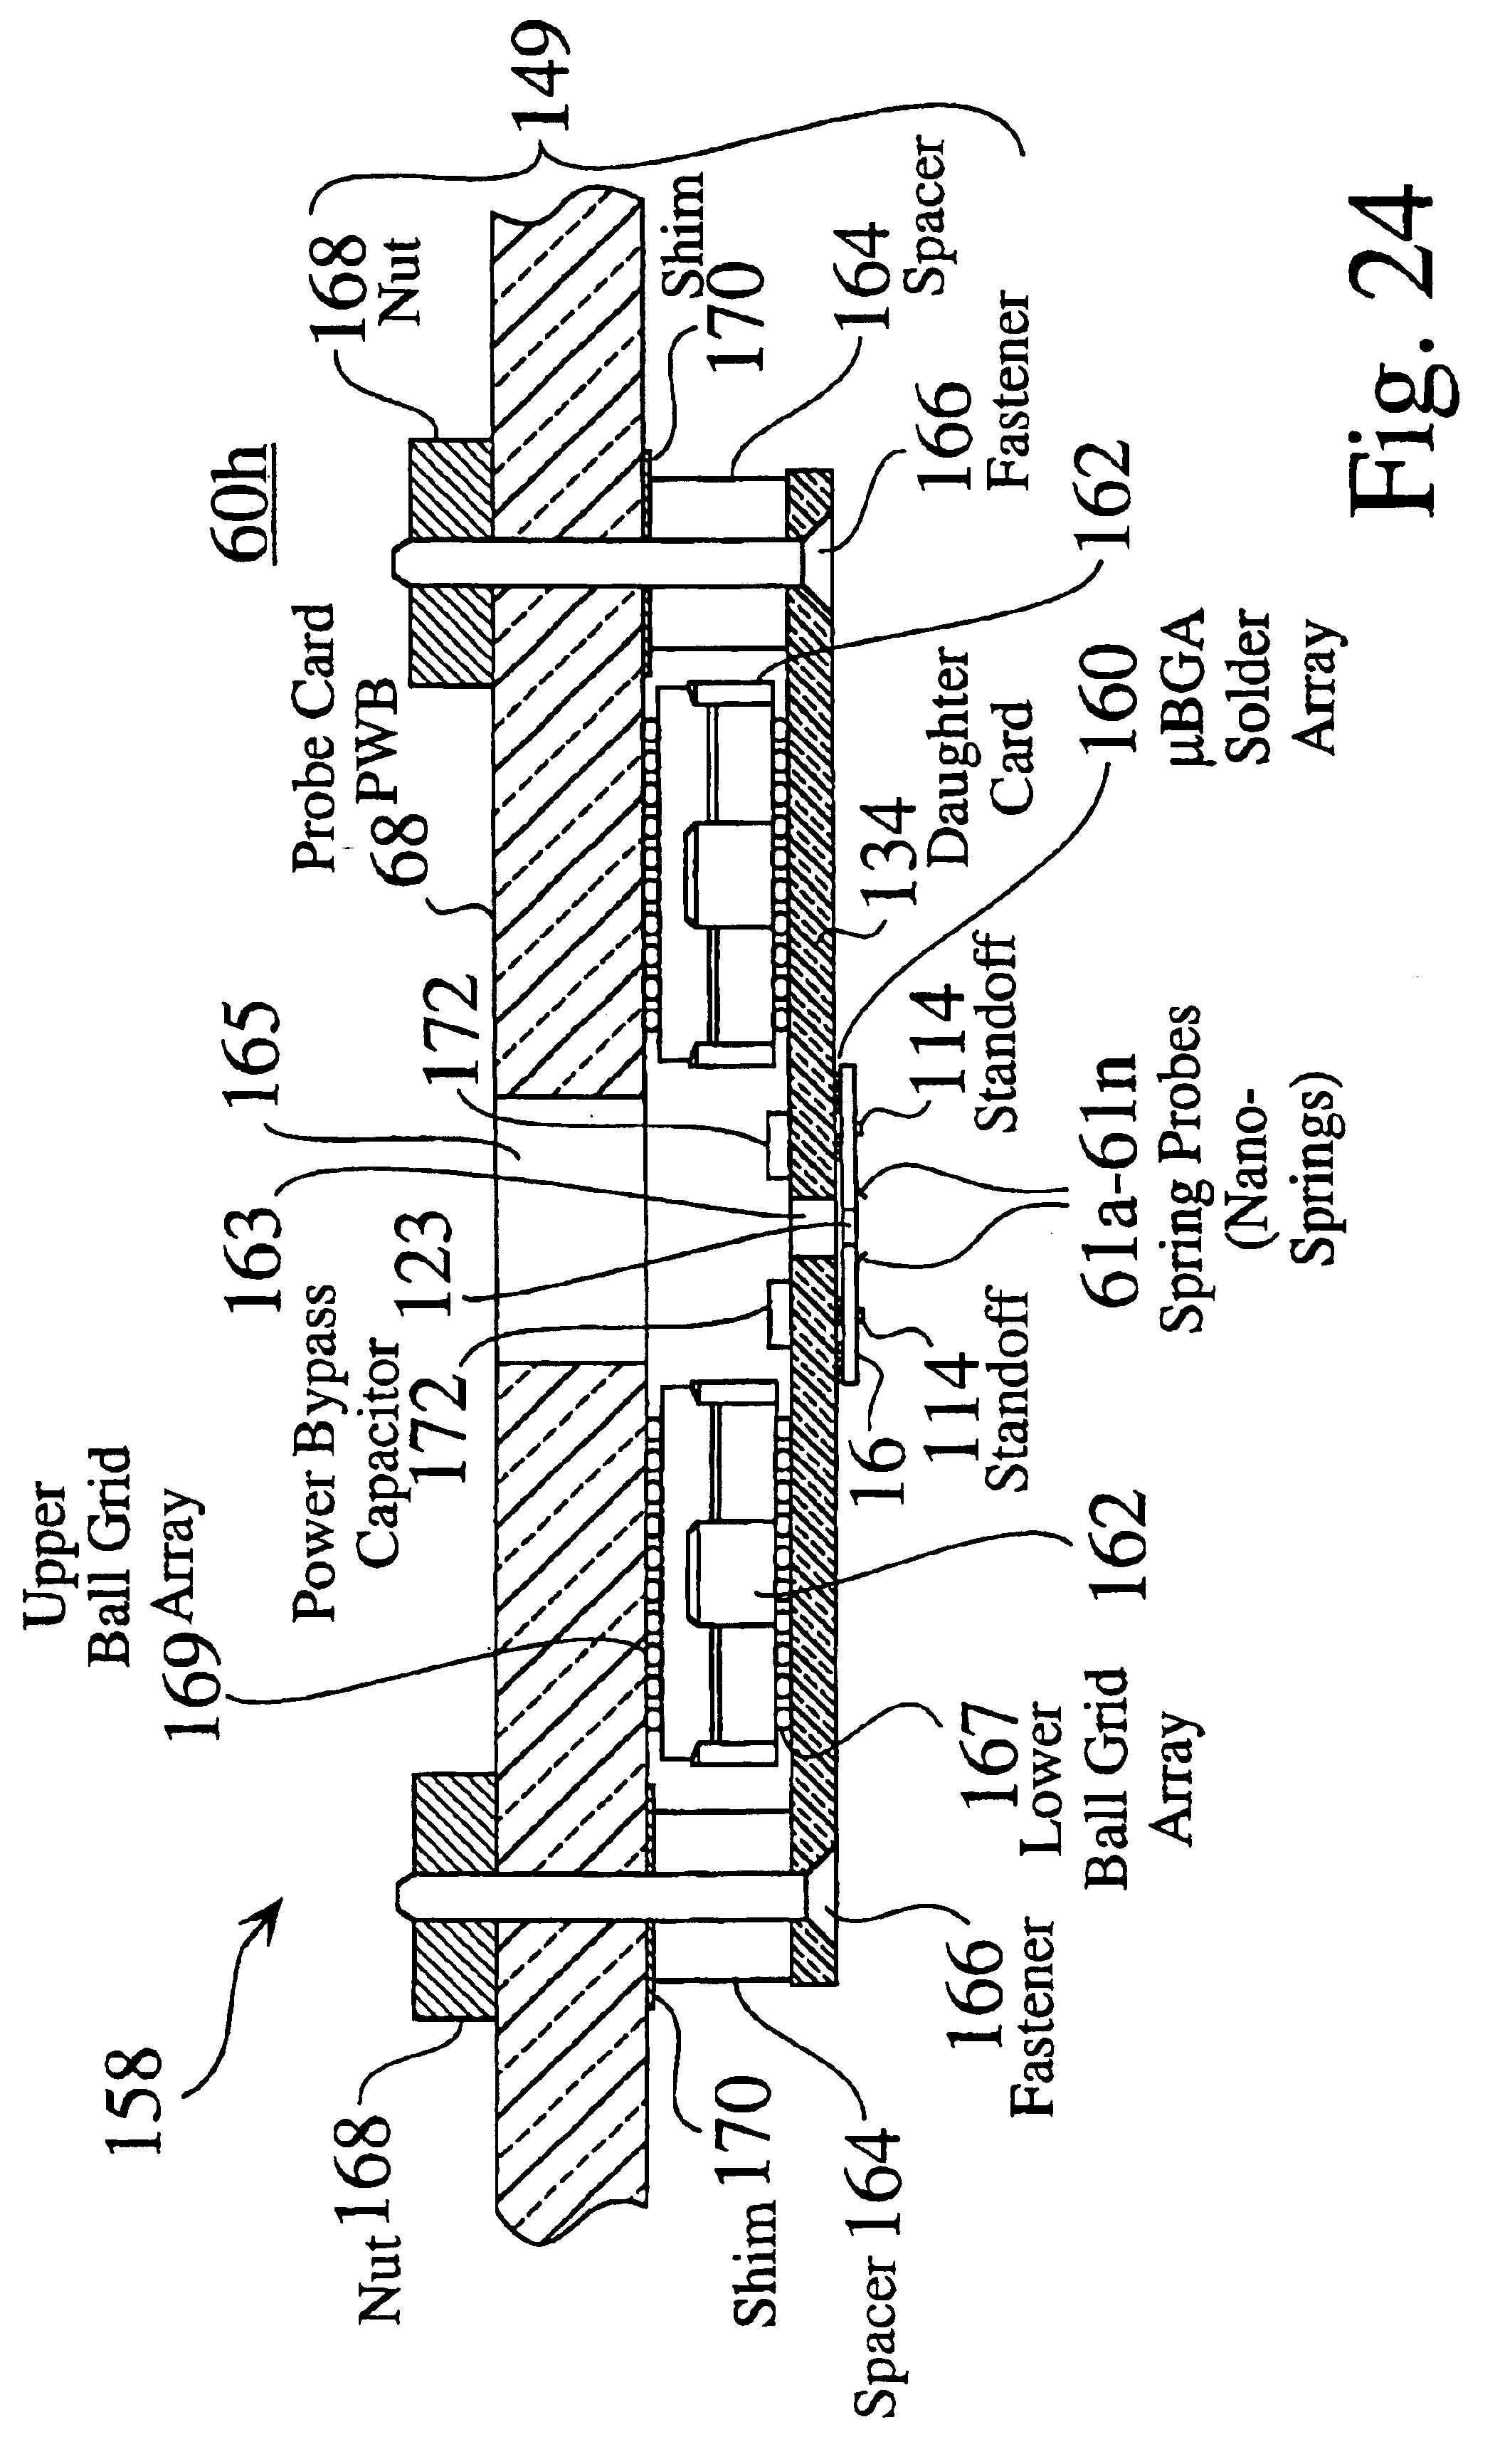 brevetto us6799976